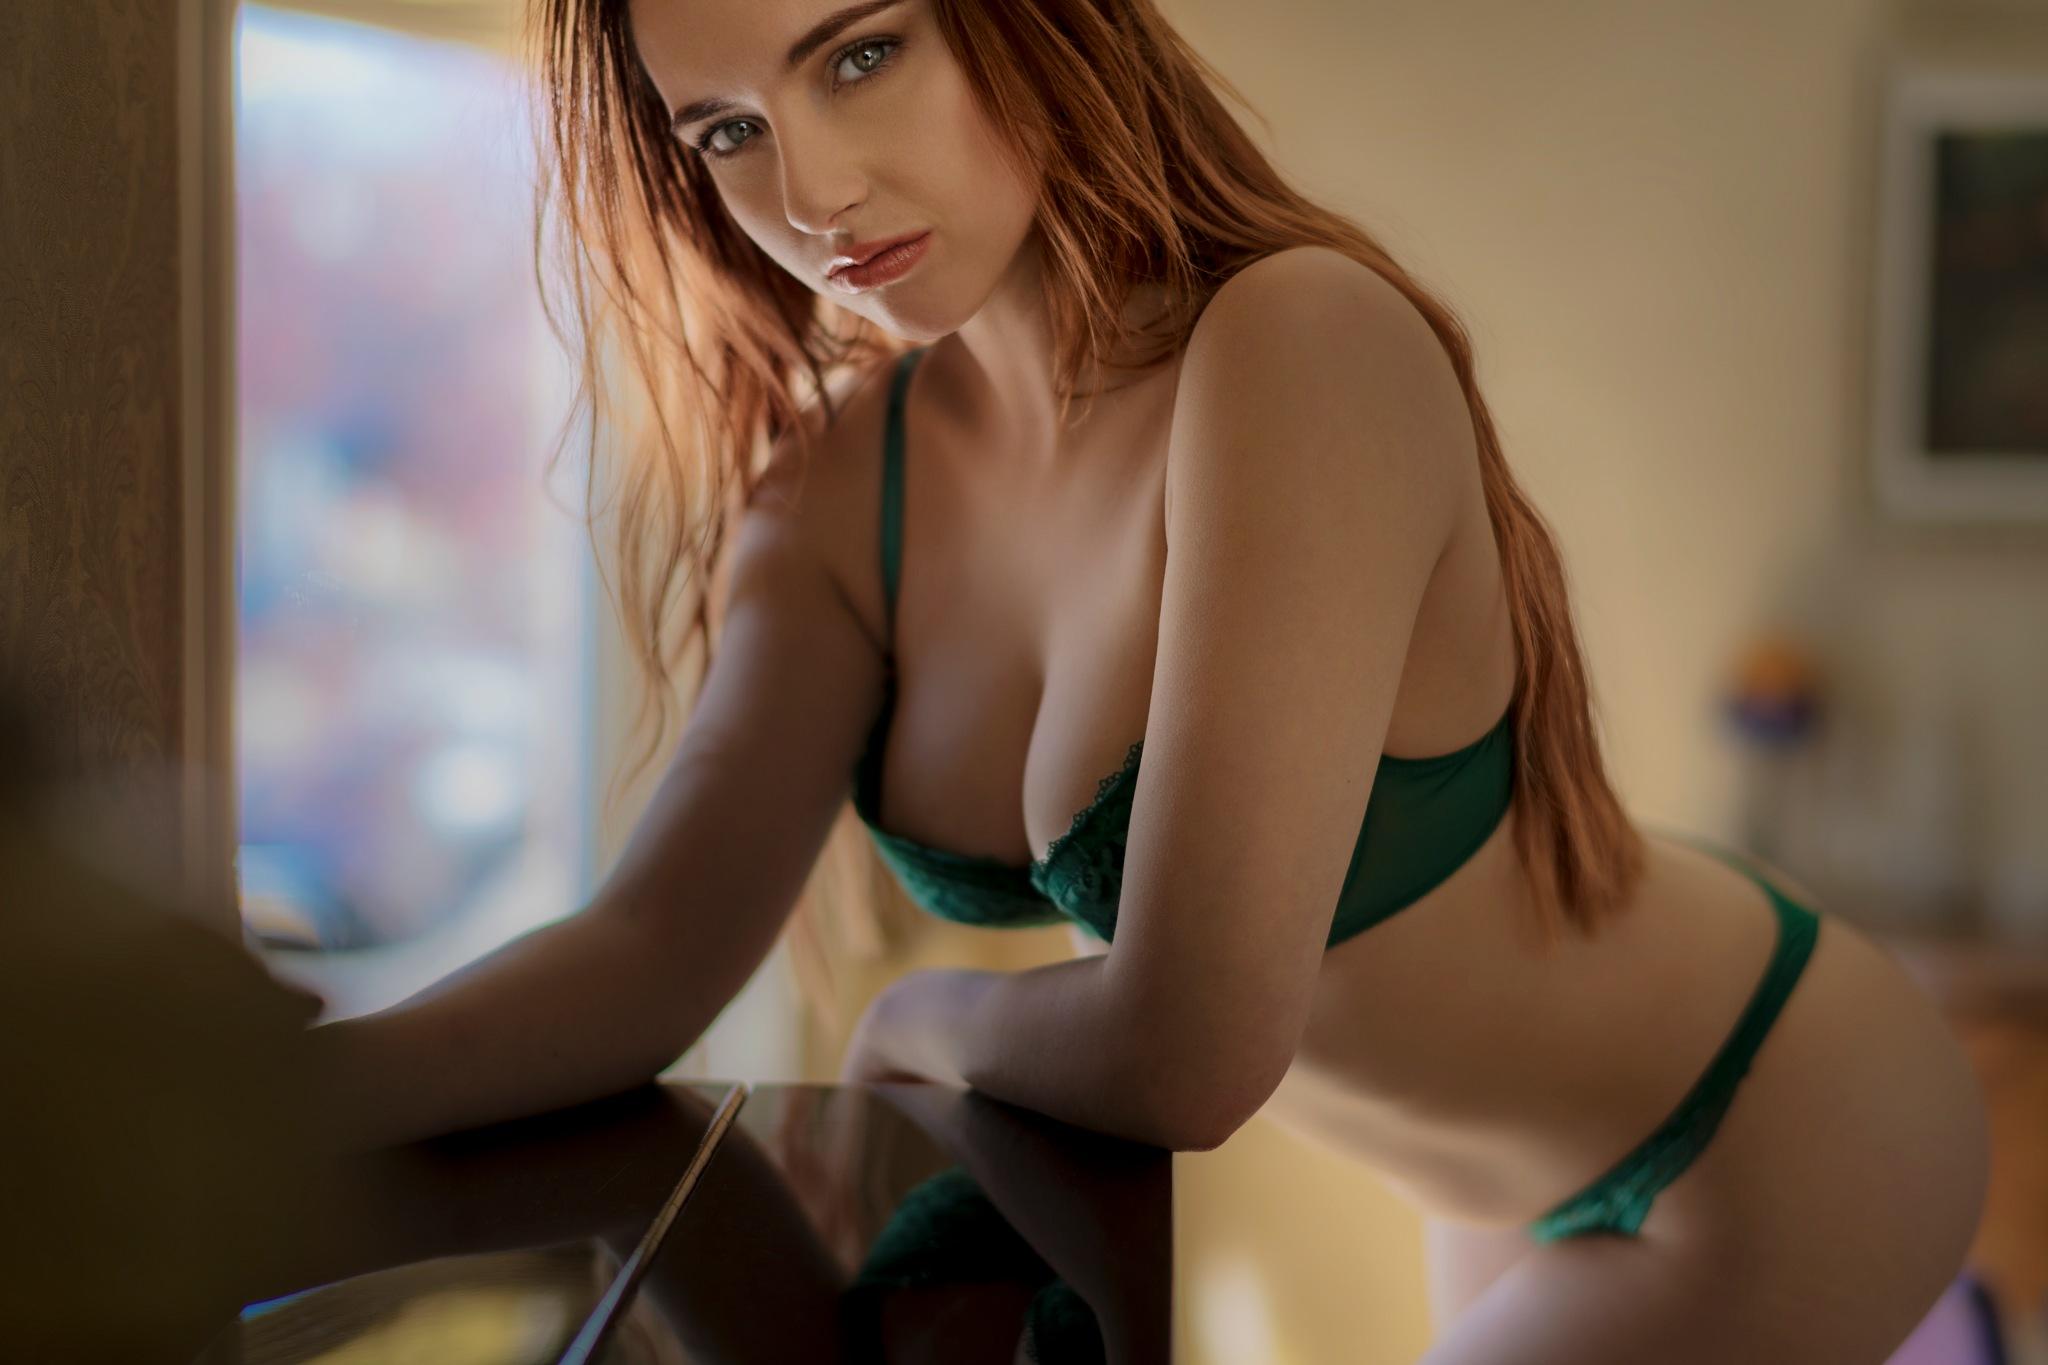 Sophia by Chris Bos